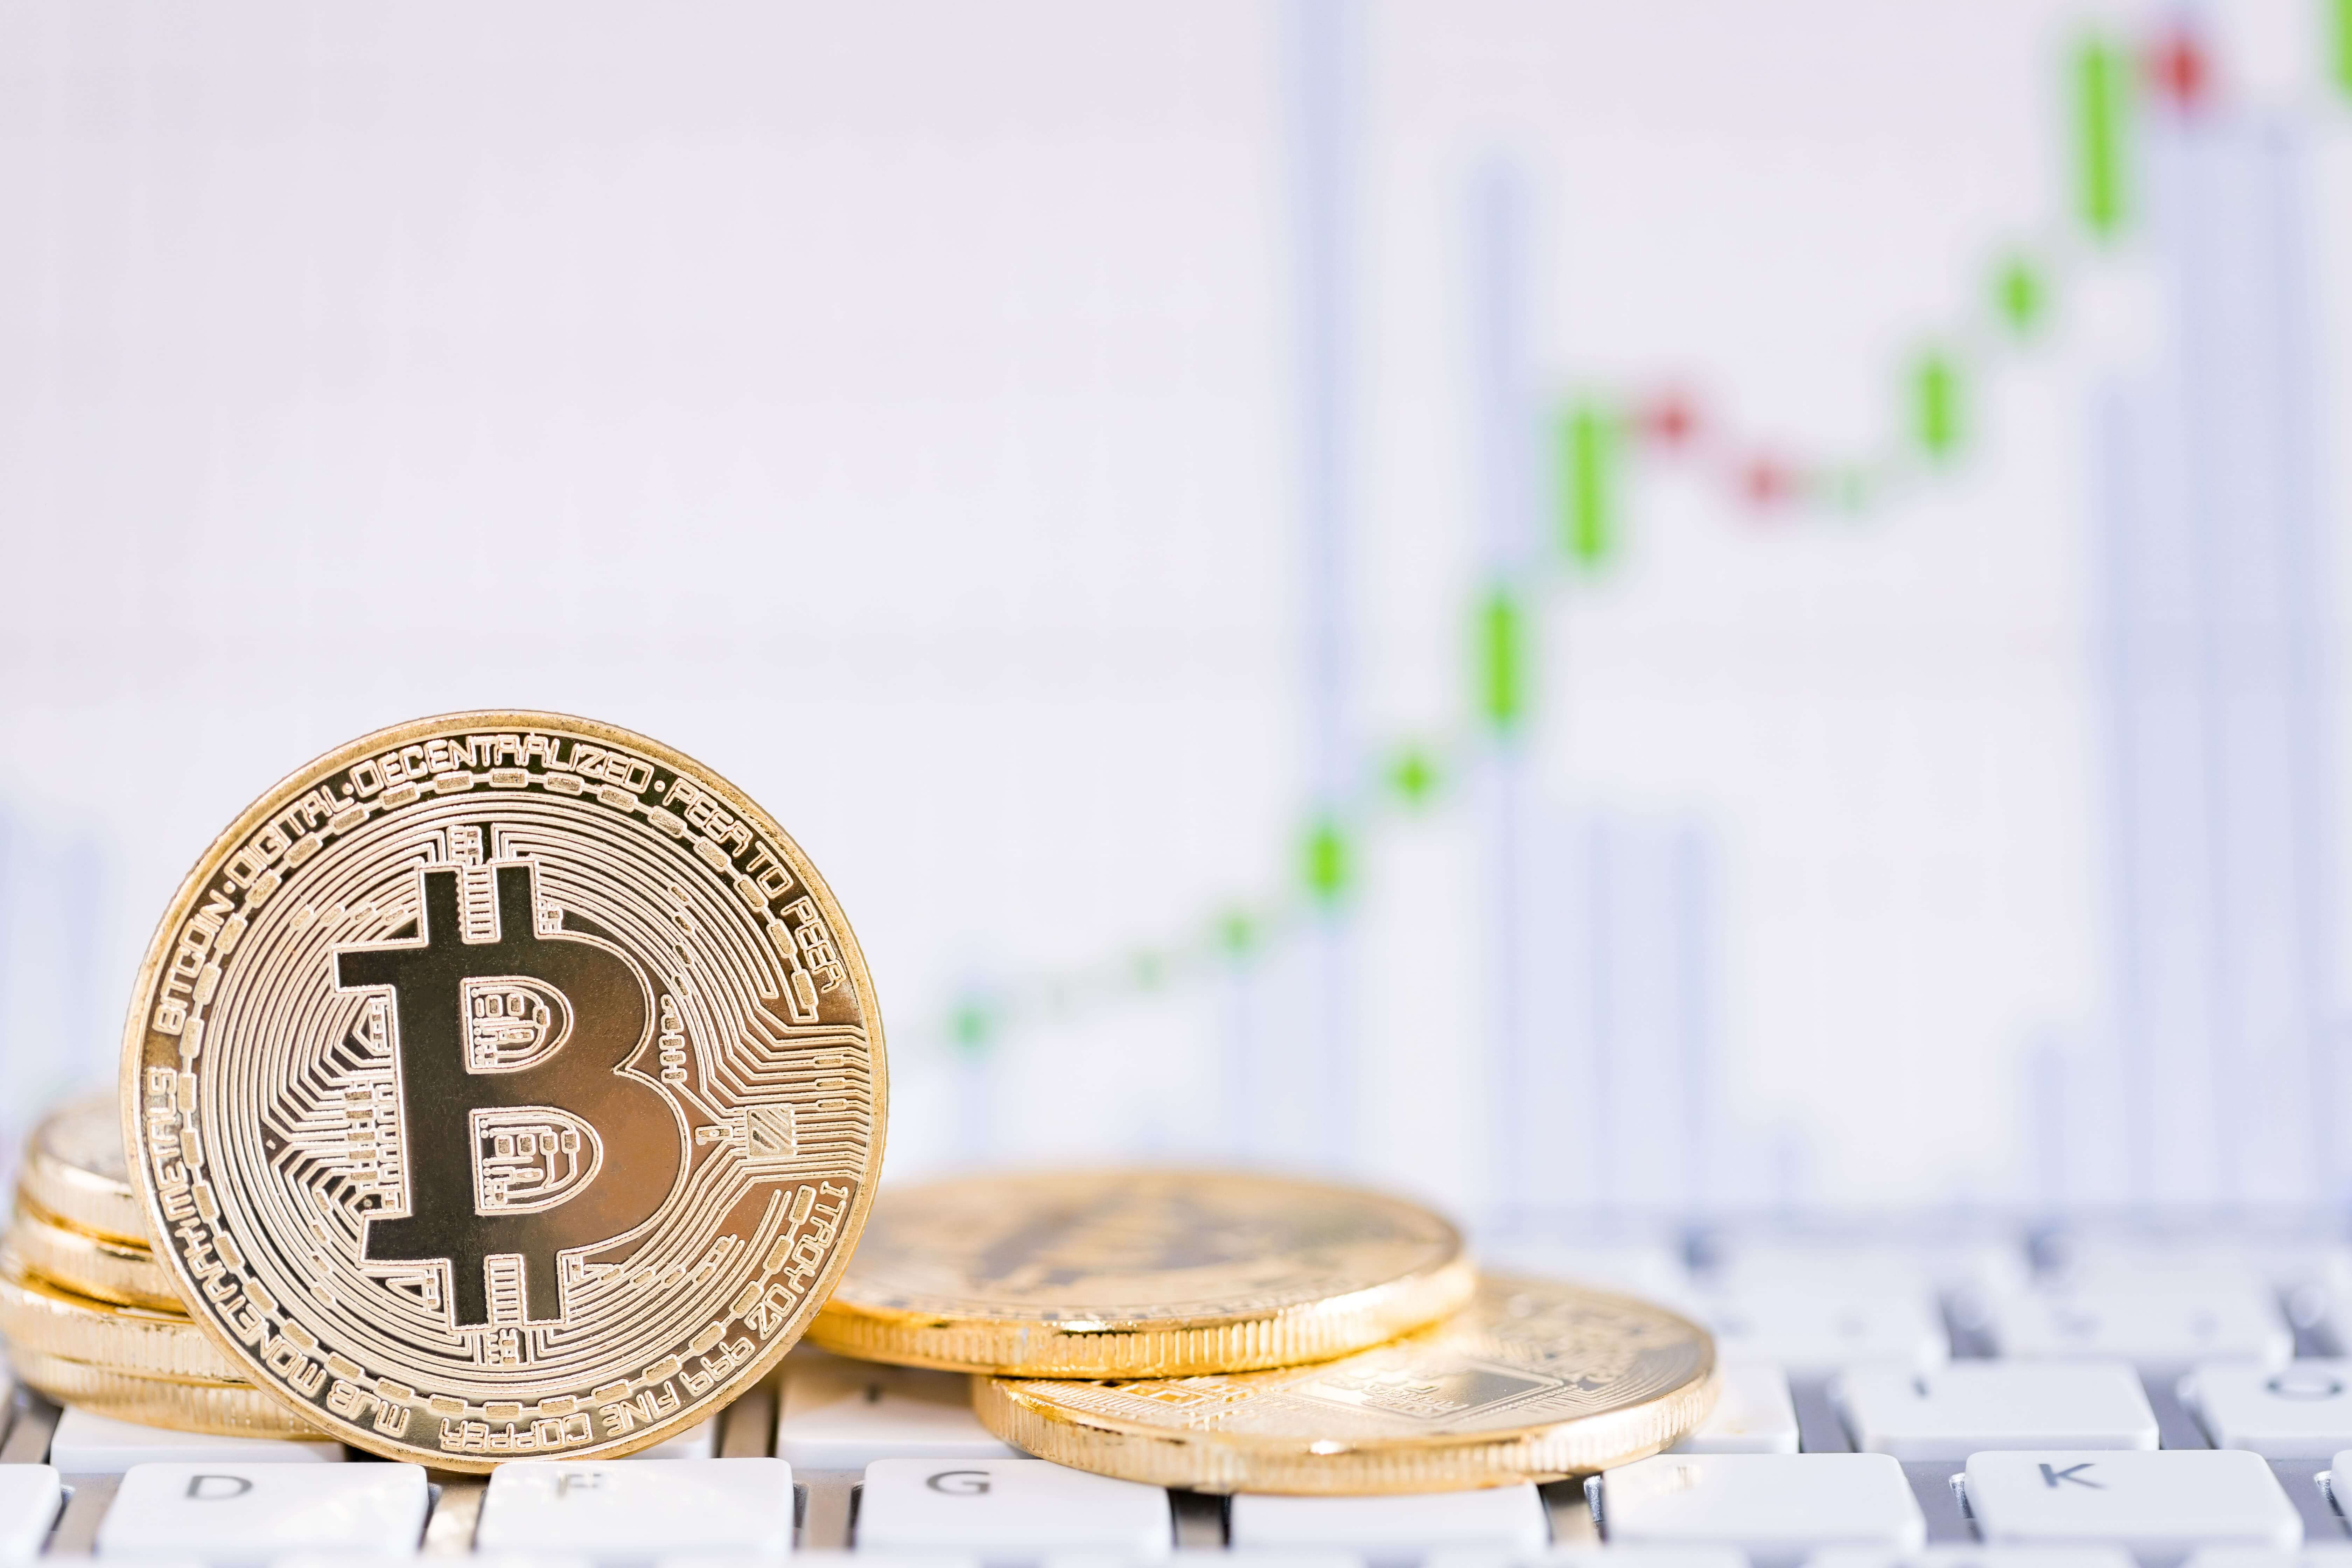 仮想通貨のボラティリティとは?ビットコイン(Bitcoin/BTC)は高い?